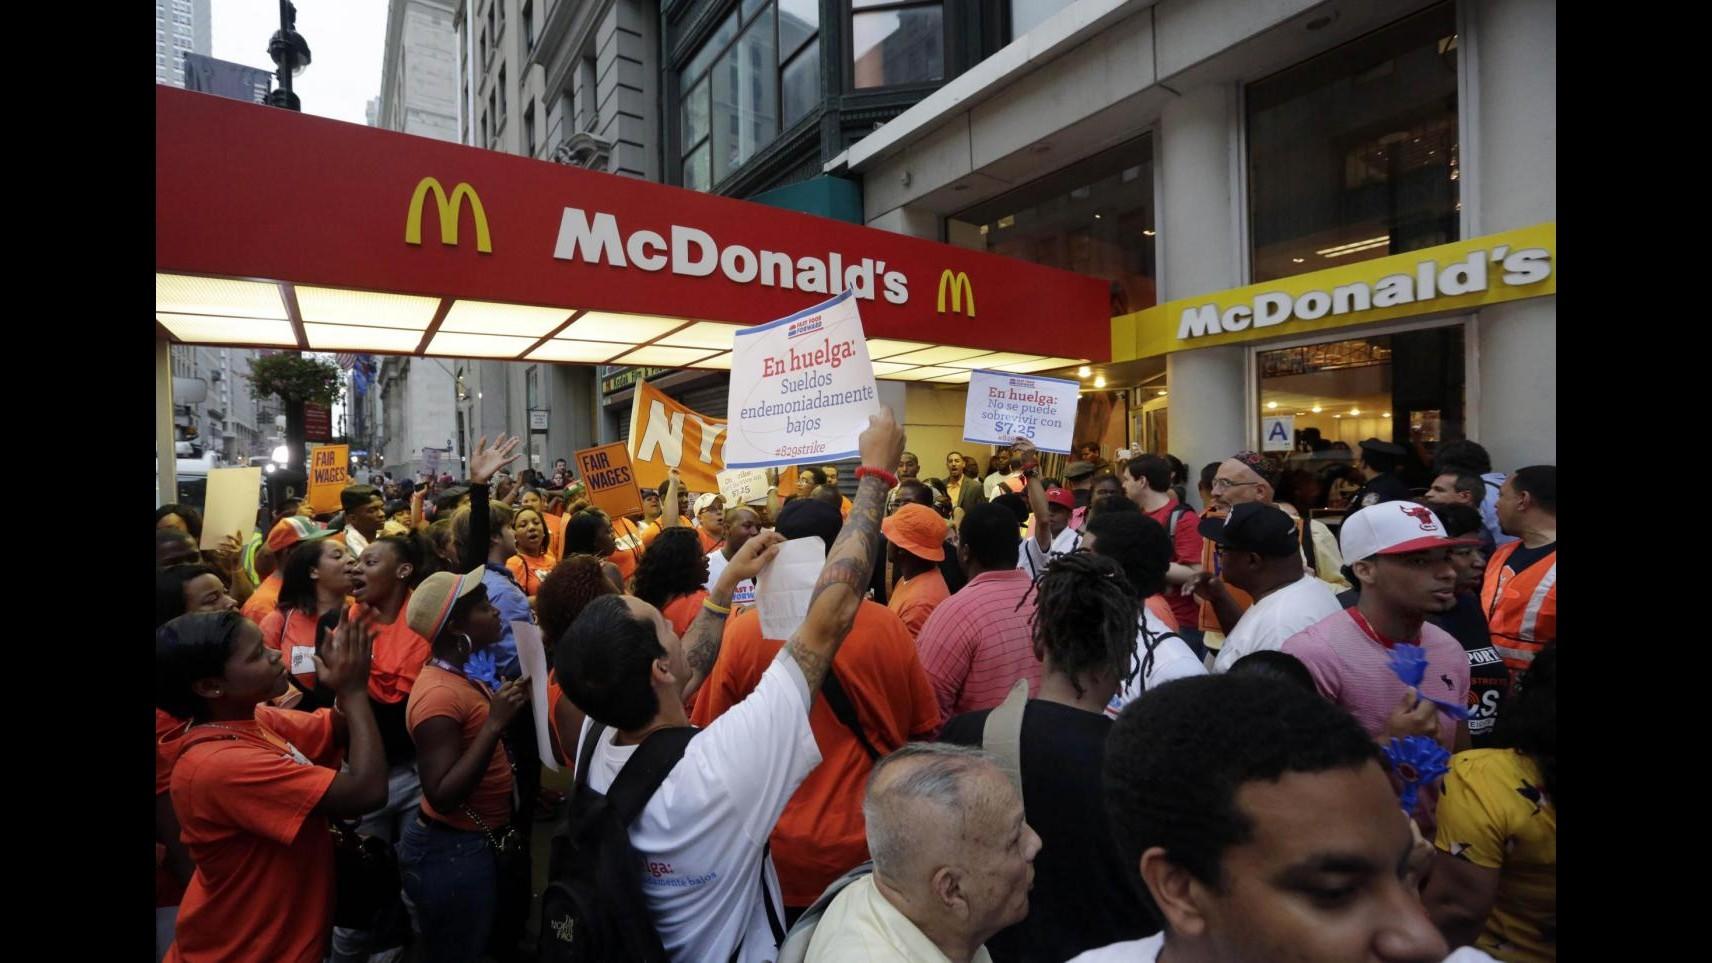 Usa, fast-food in sciopero: cortei in 100 città per chiedere aumenti